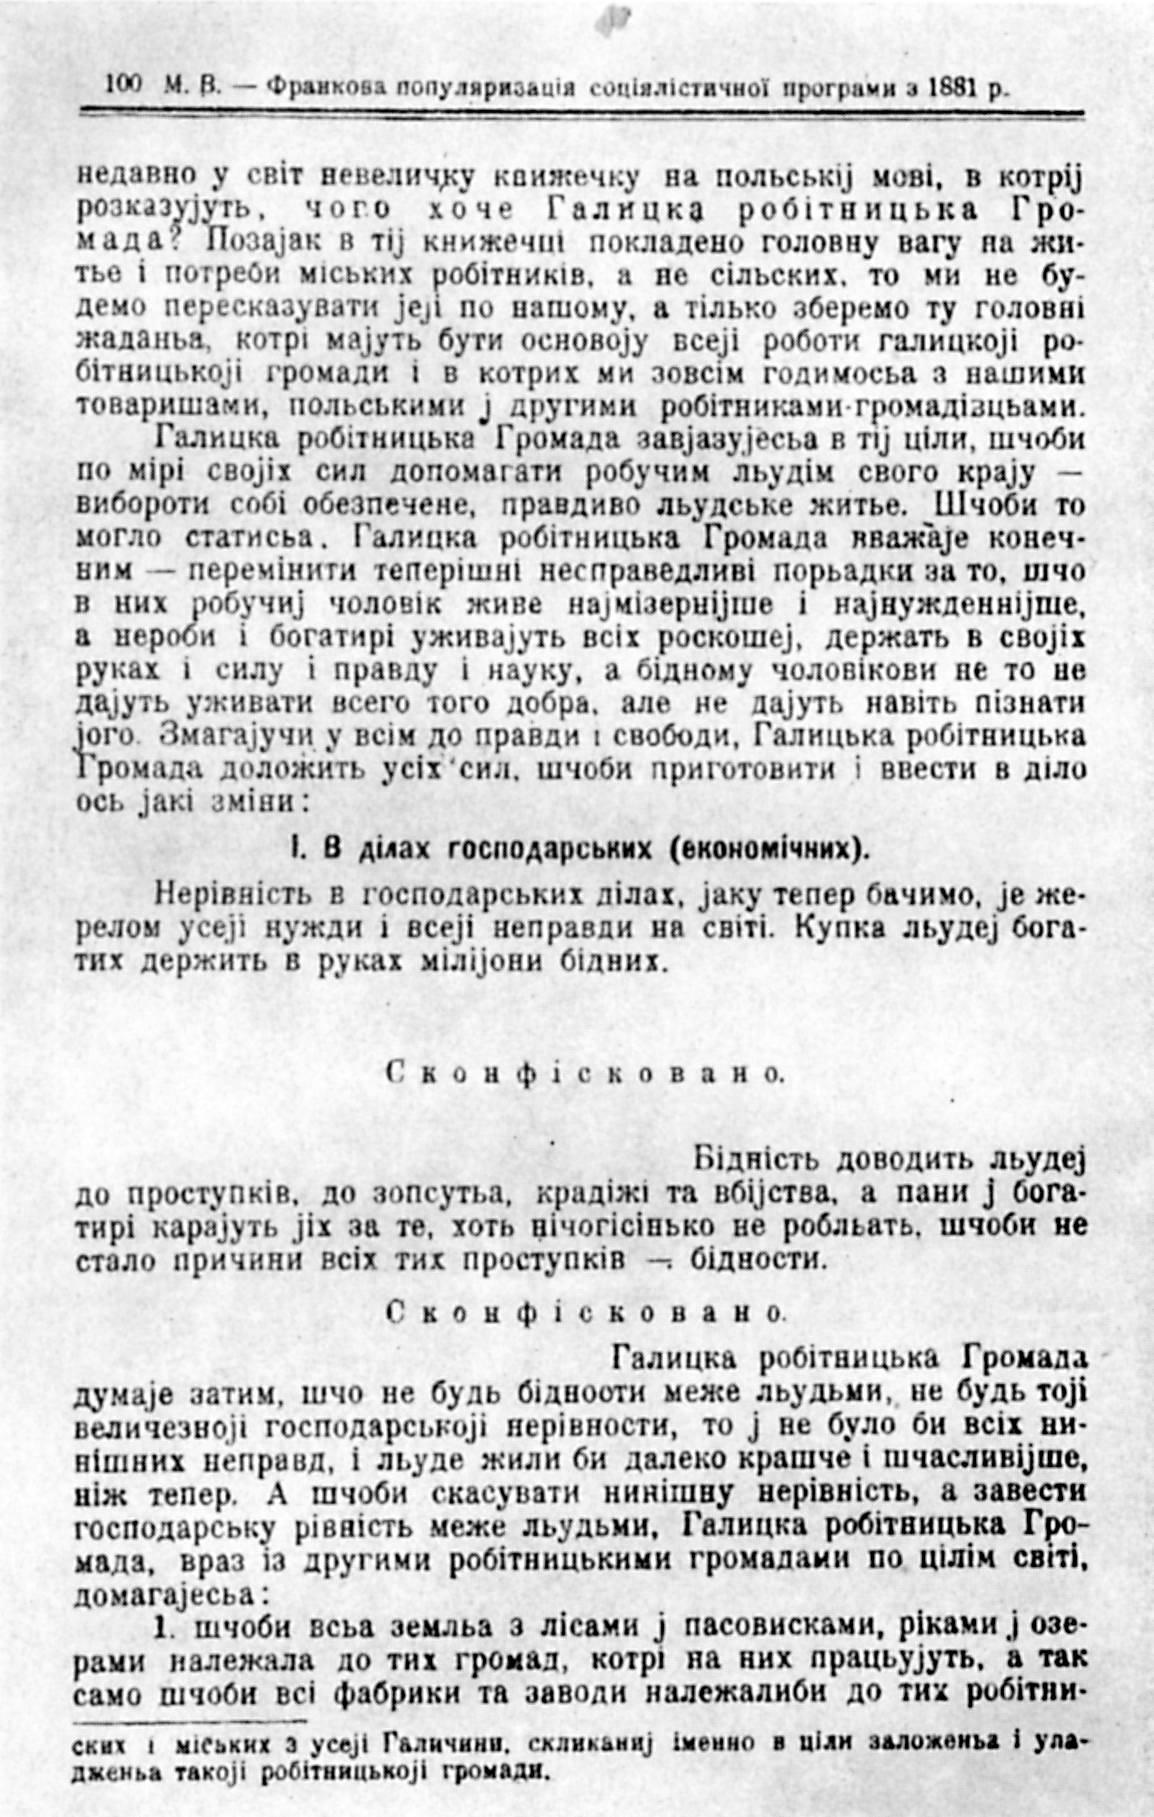 Сторінка журналу «Культура» (1924 р., № 2), де надруковано статтю І. Франка «Чого хоче Галицька робітницька громада?» з купюрами, сконфіскованими польською цензурою